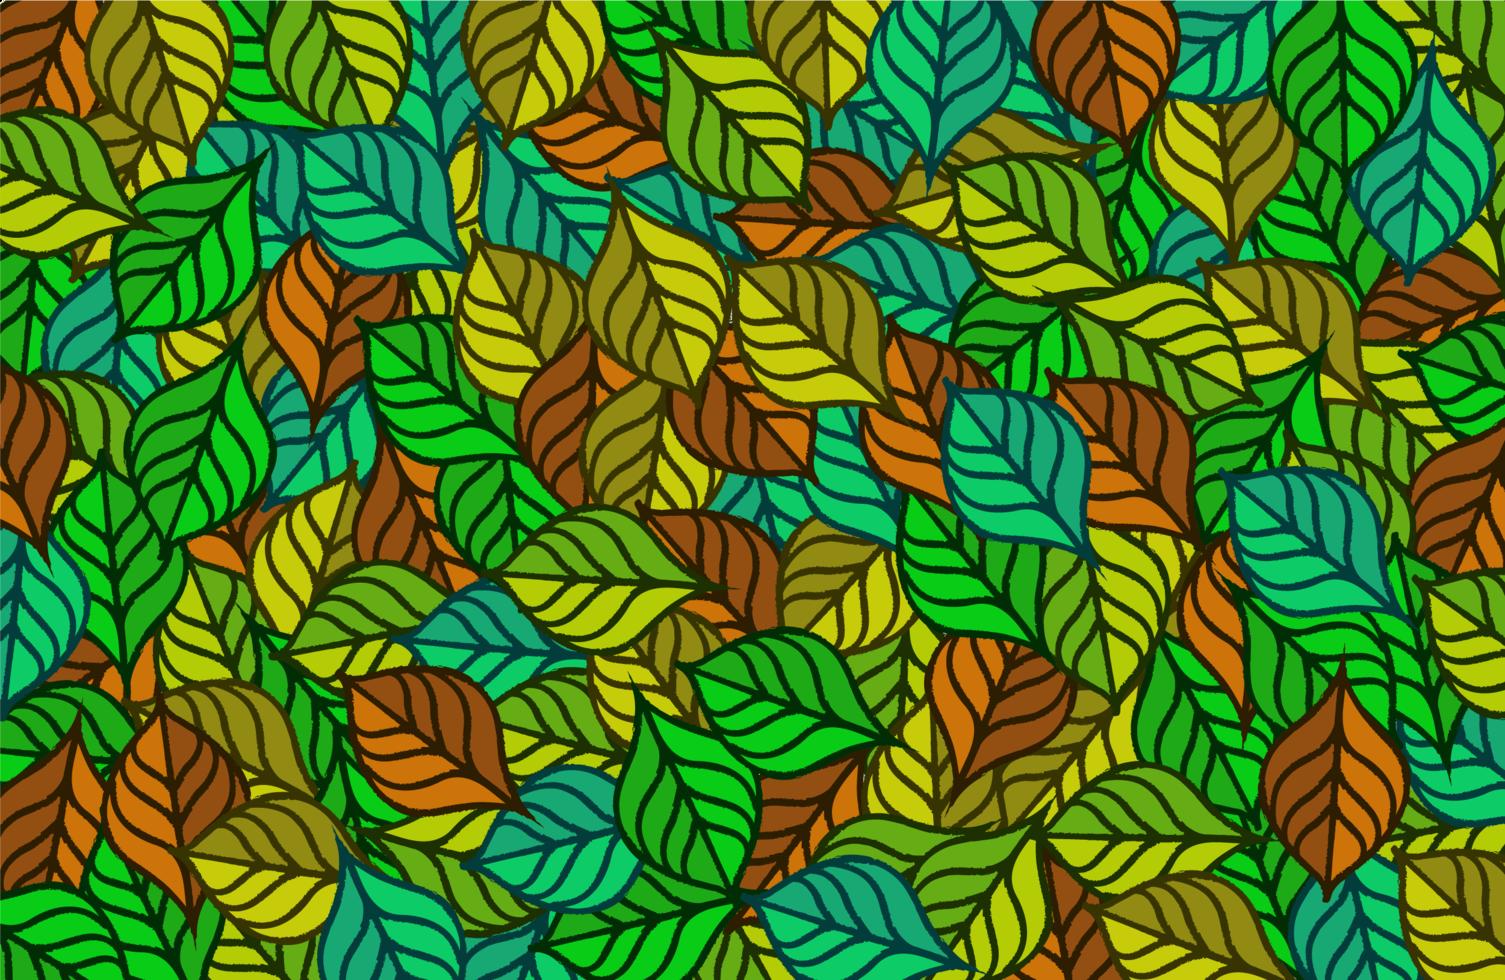 färgglada gröna och bruna bladmönster vektor